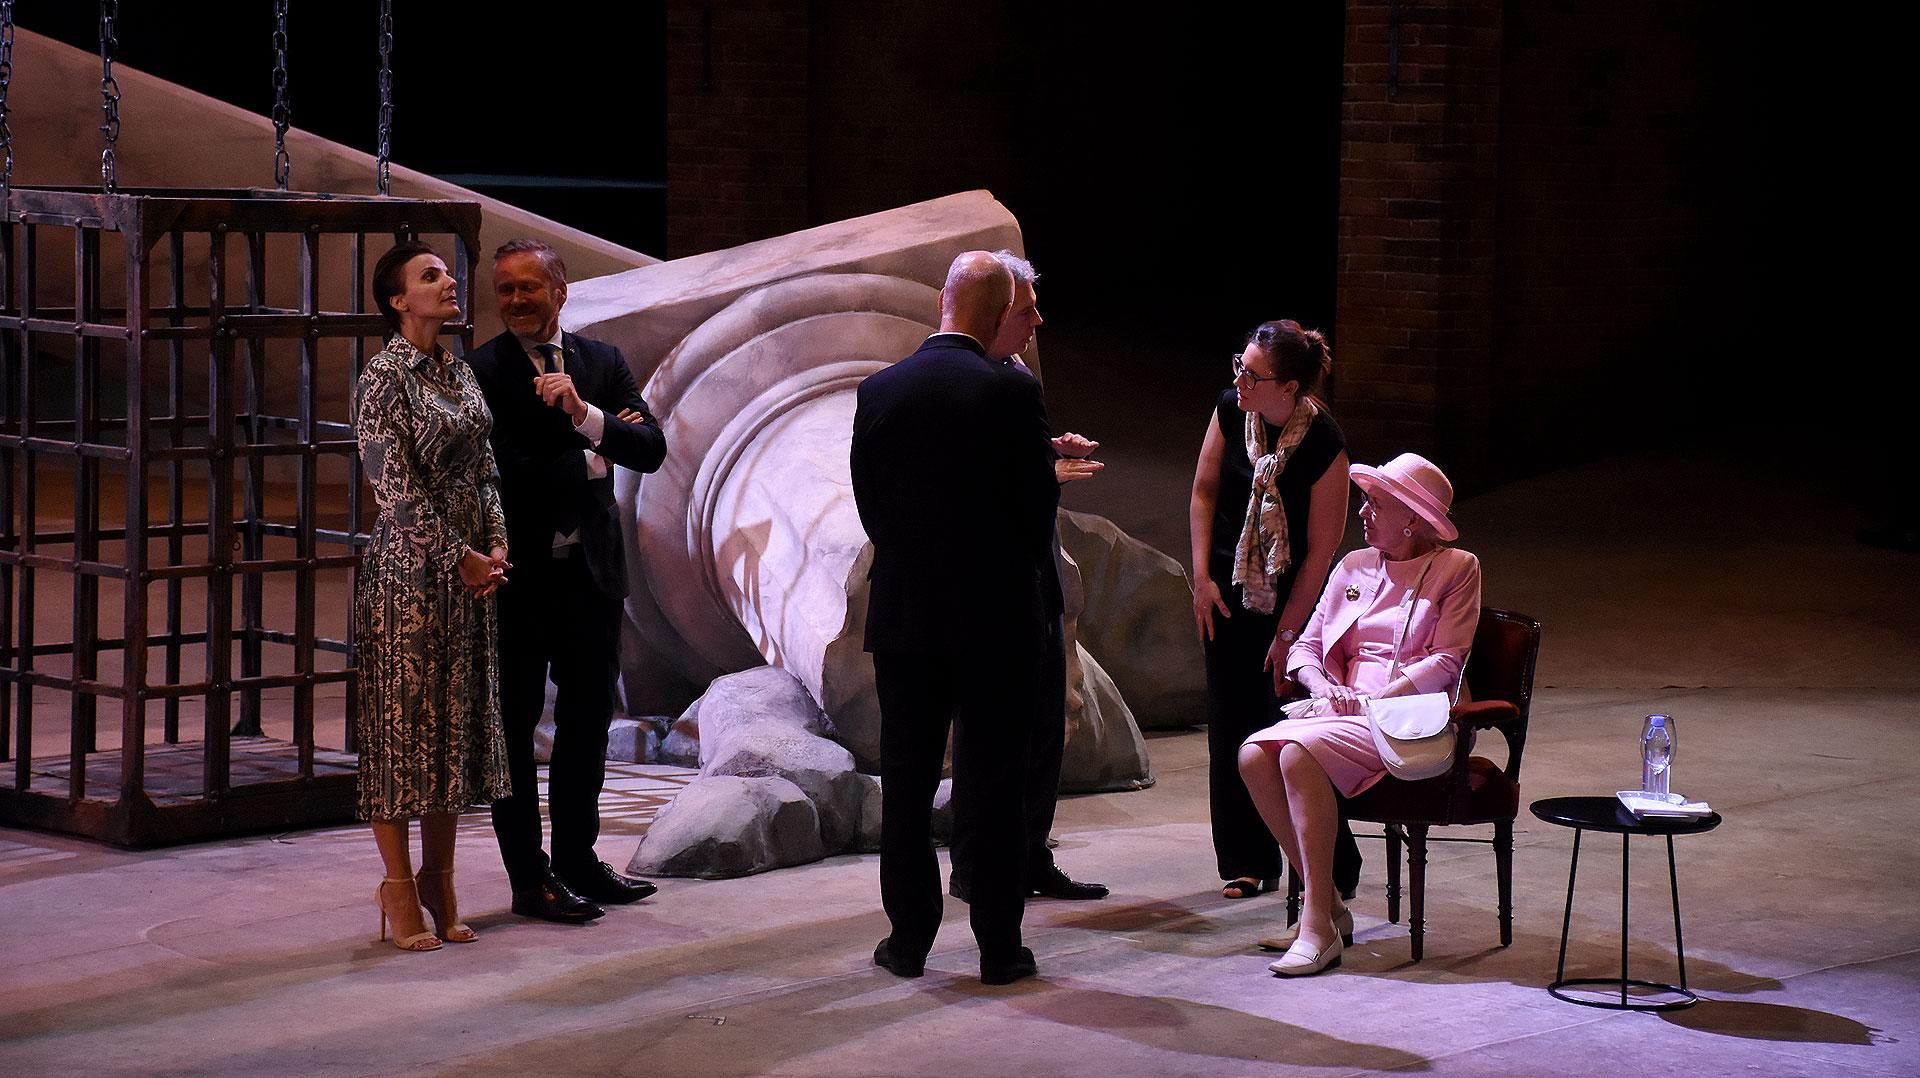 En sus tiempos libres, la monarca vuelca su creatividad a idear escenografías, diseños y hasta piezas de arte teatrales